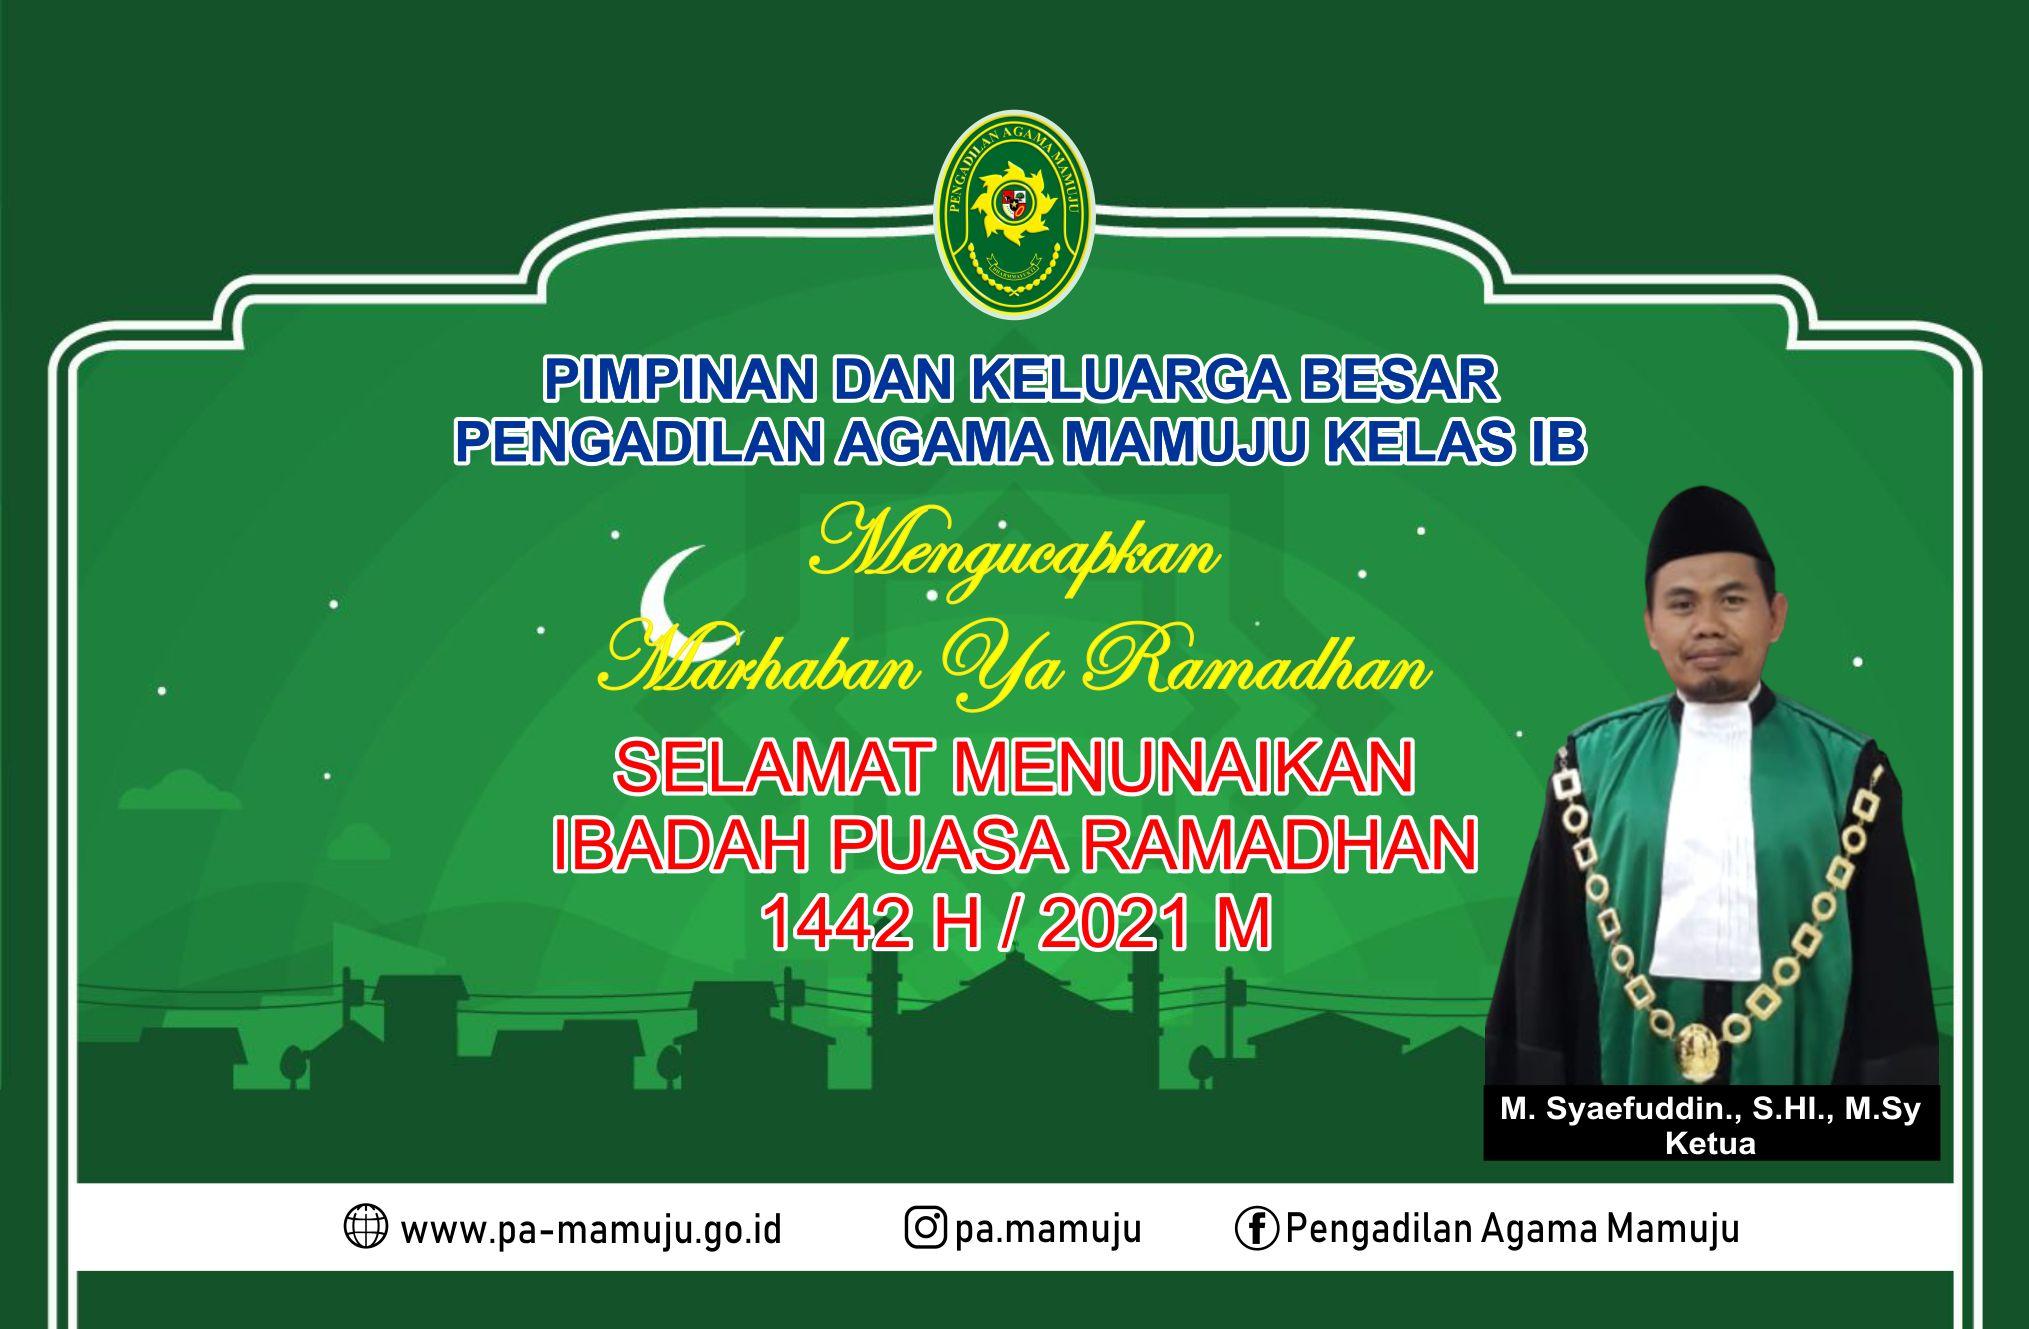 Ucapan Selamat Menunaikan Ibadah Puasa Ramadhan 1442 H 2021 M 13 4